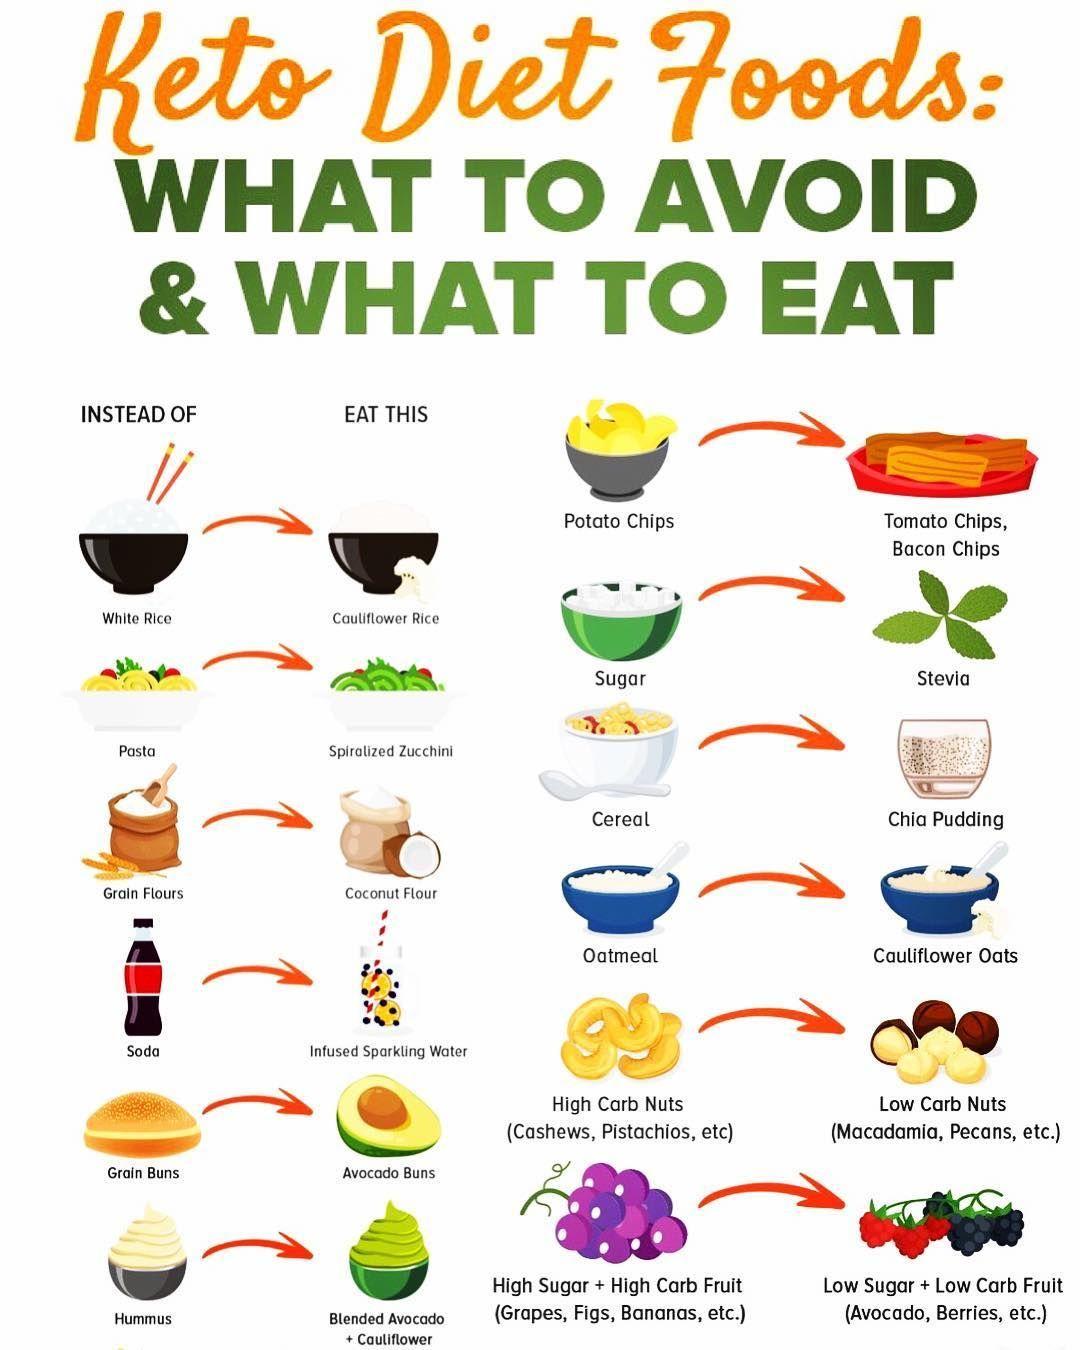 Keto Veggie Gurl On Instagram Ketodietfoods Ketofoods Ketoinfo Ketoinfographics Eatthisnotthat Ketoswap Starting Keto Diet Keto Diet Menu Keto Diet